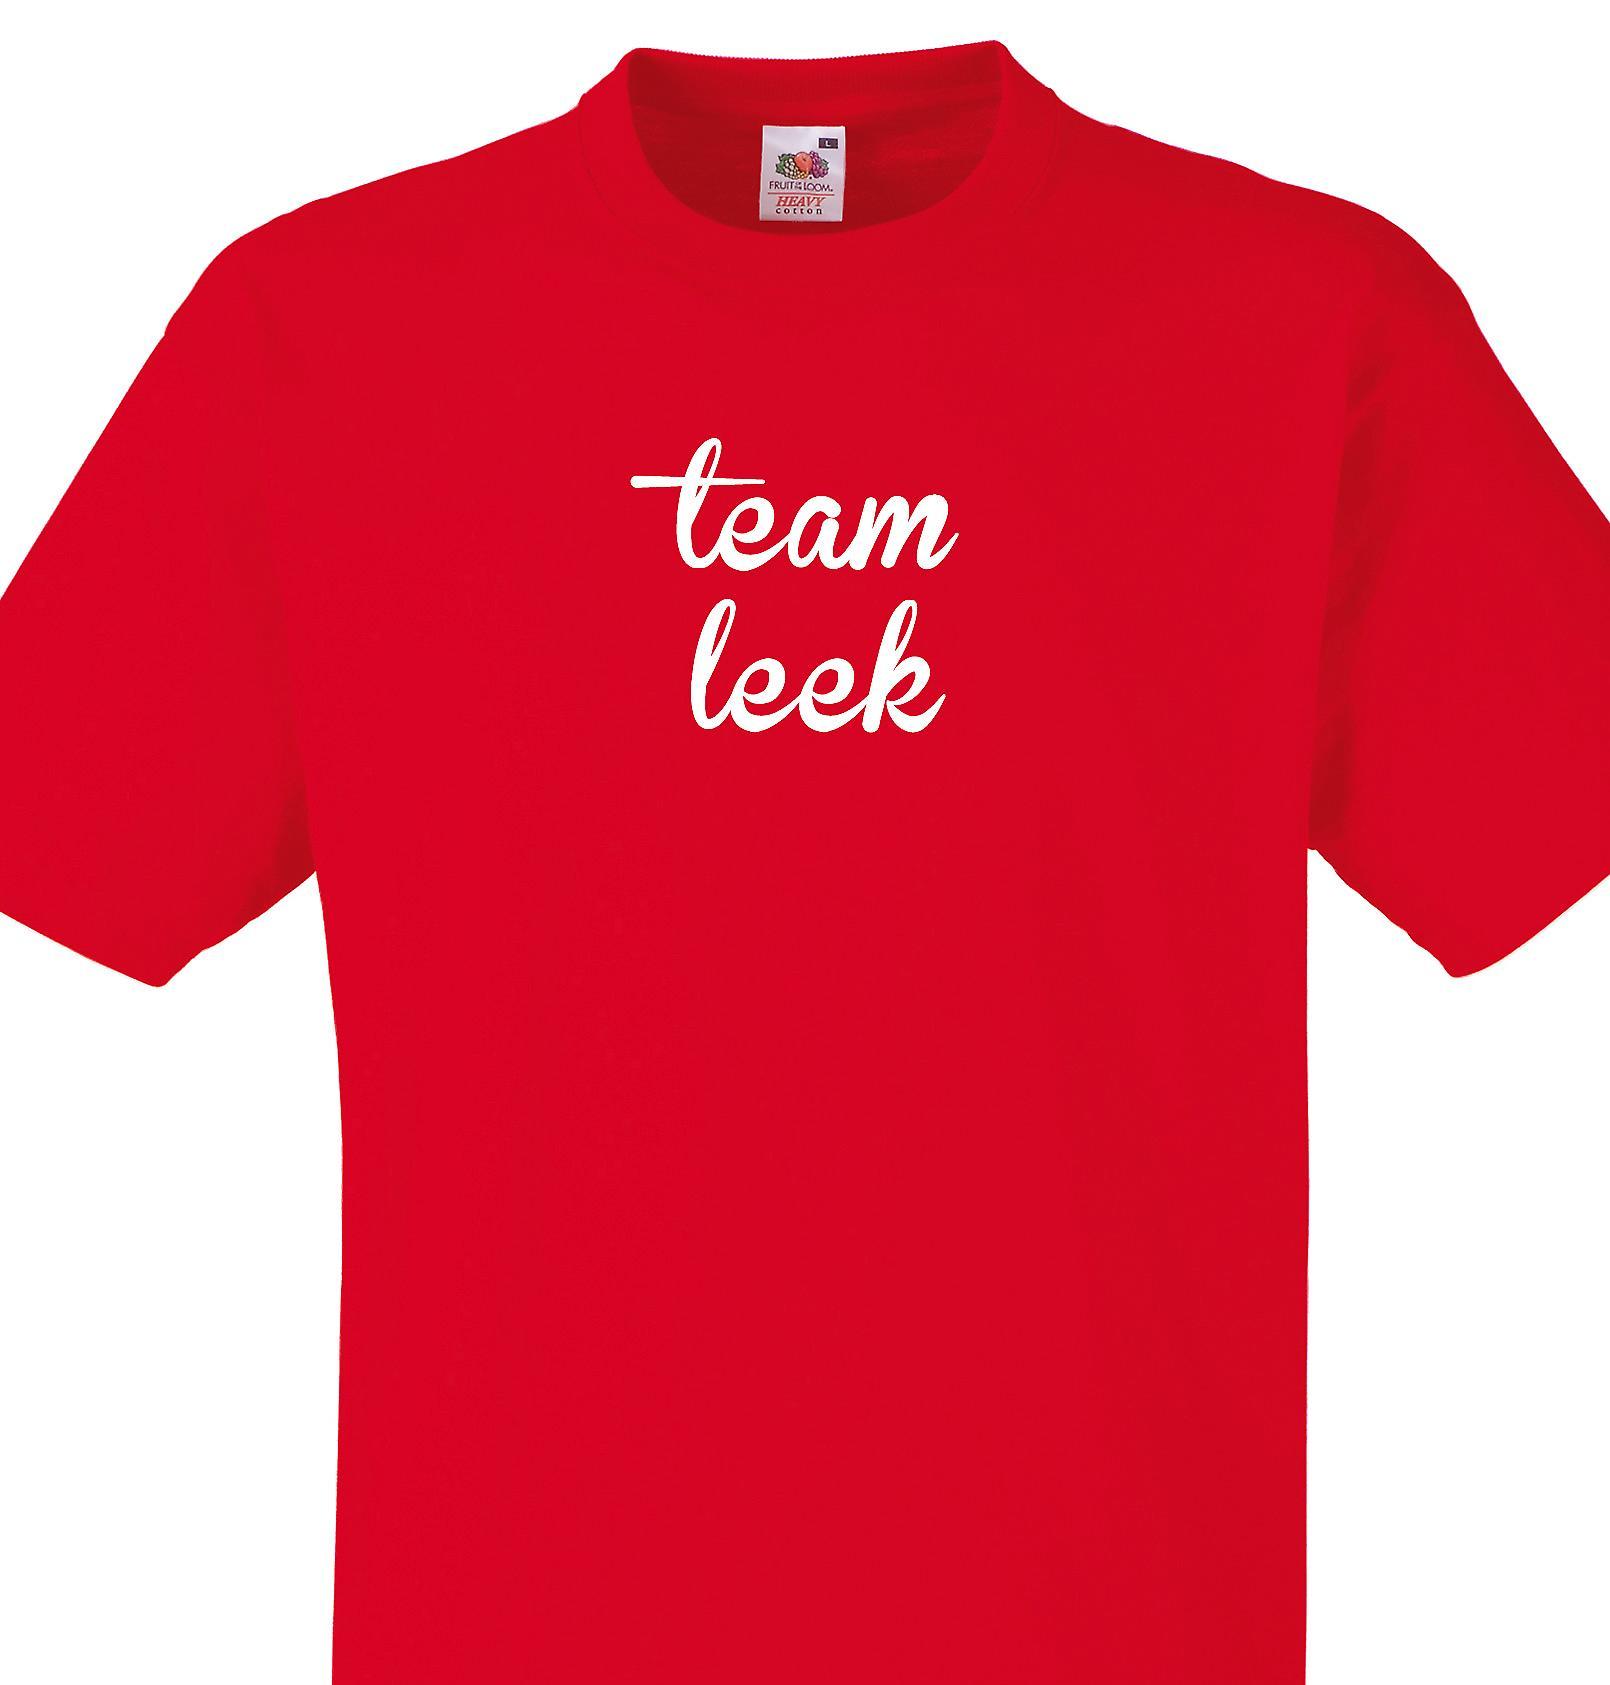 Team Leek Red T shirt